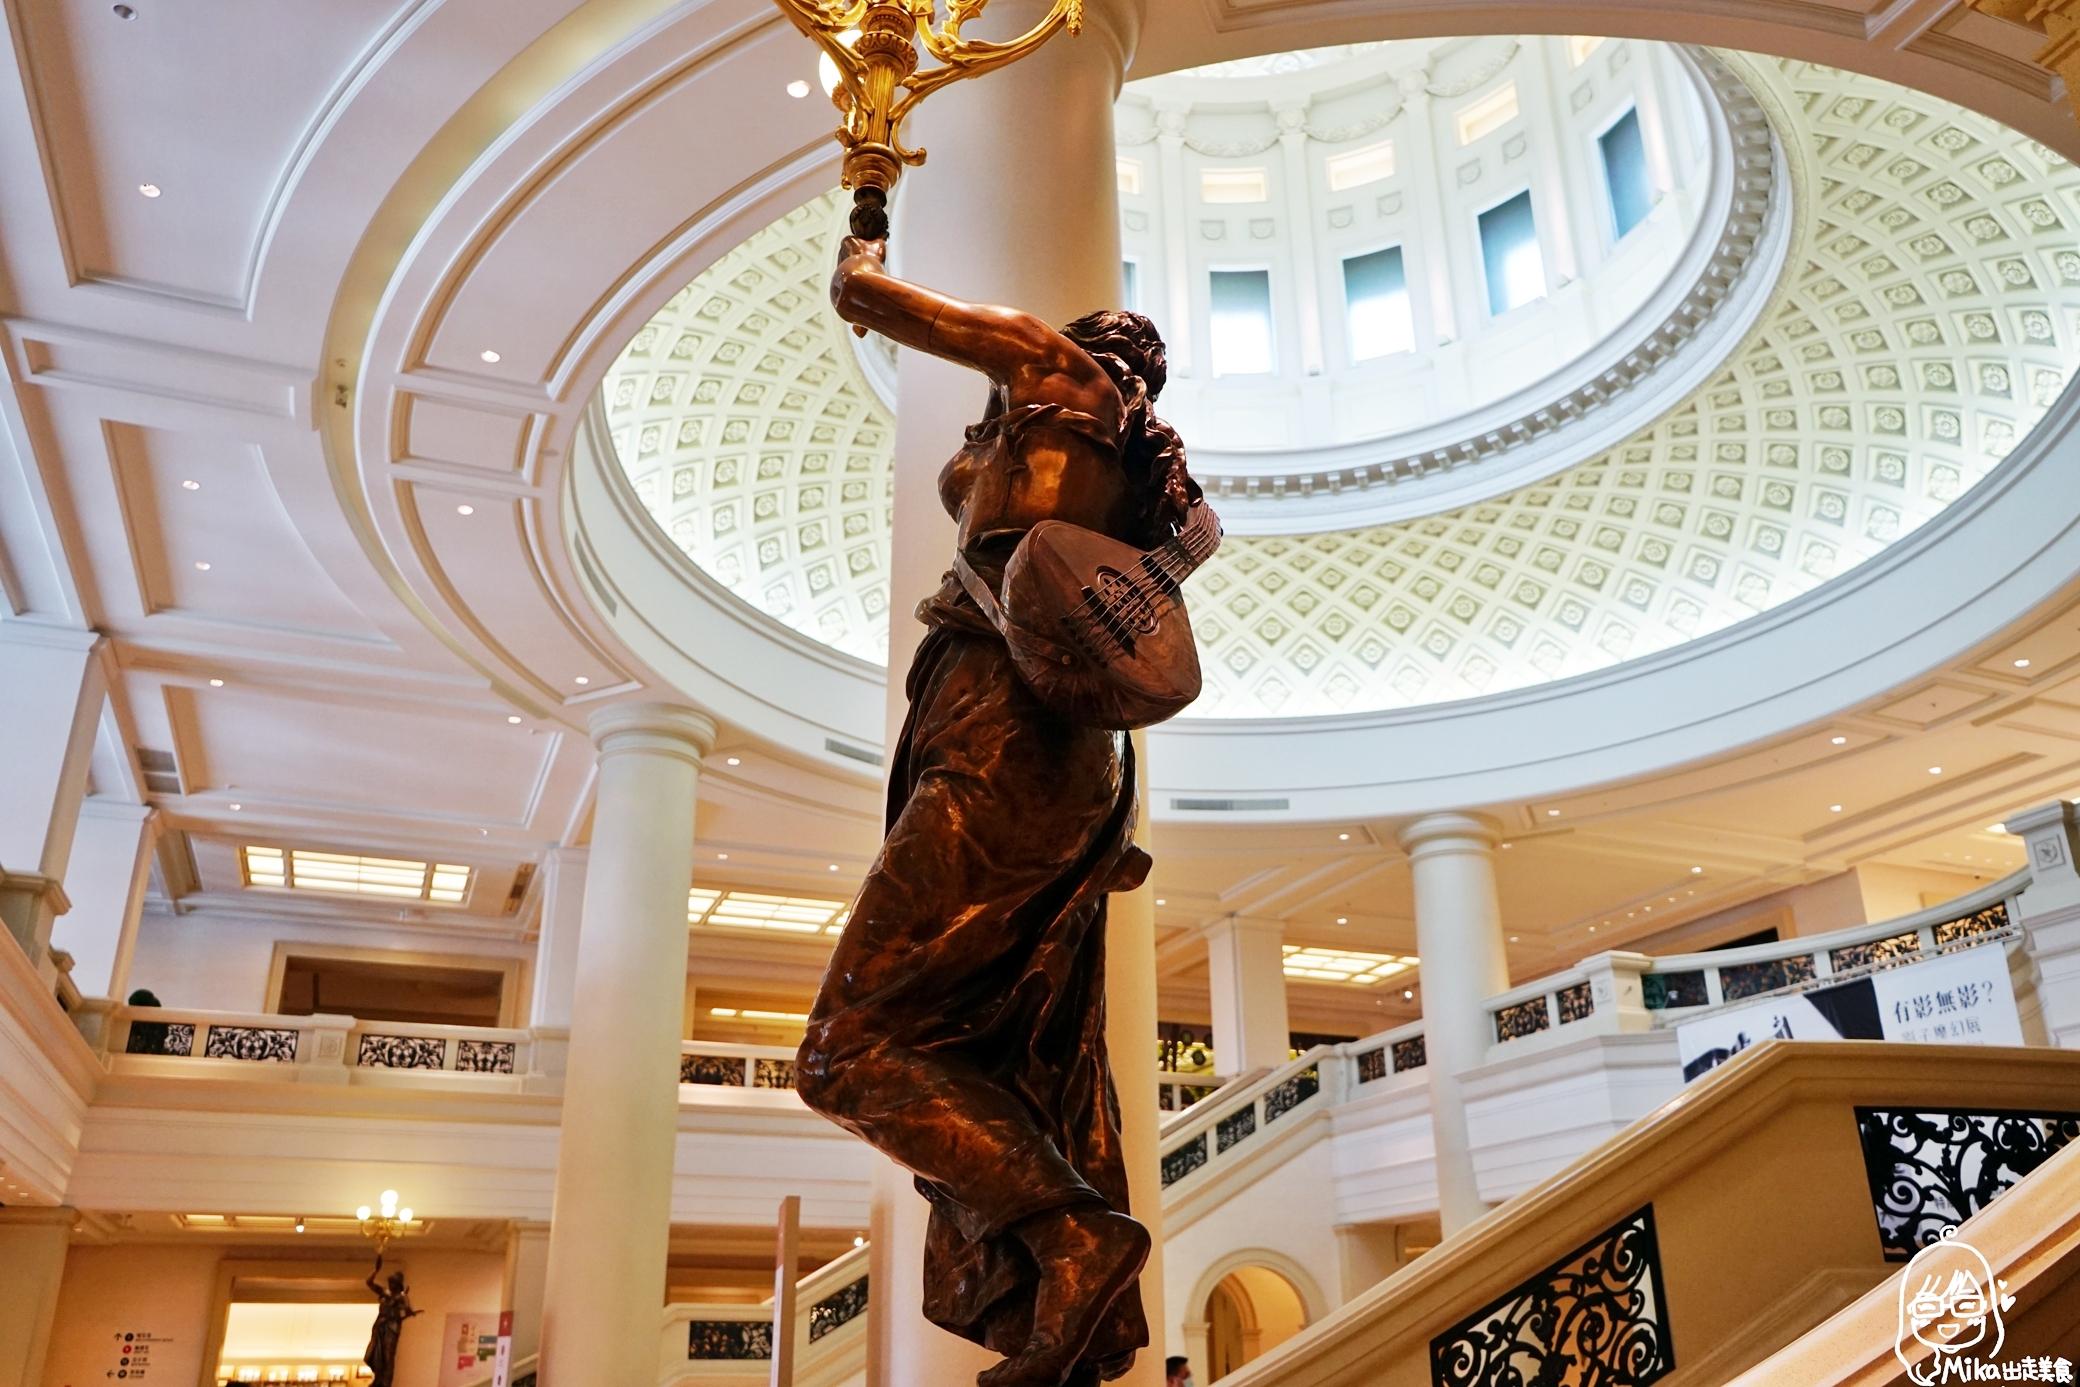 『台南。仁德』 台南奇美博物館|全台首座西洋藏品展出博物館  六大館藏特展分享/ 特別推薦 影子魔幻特展。